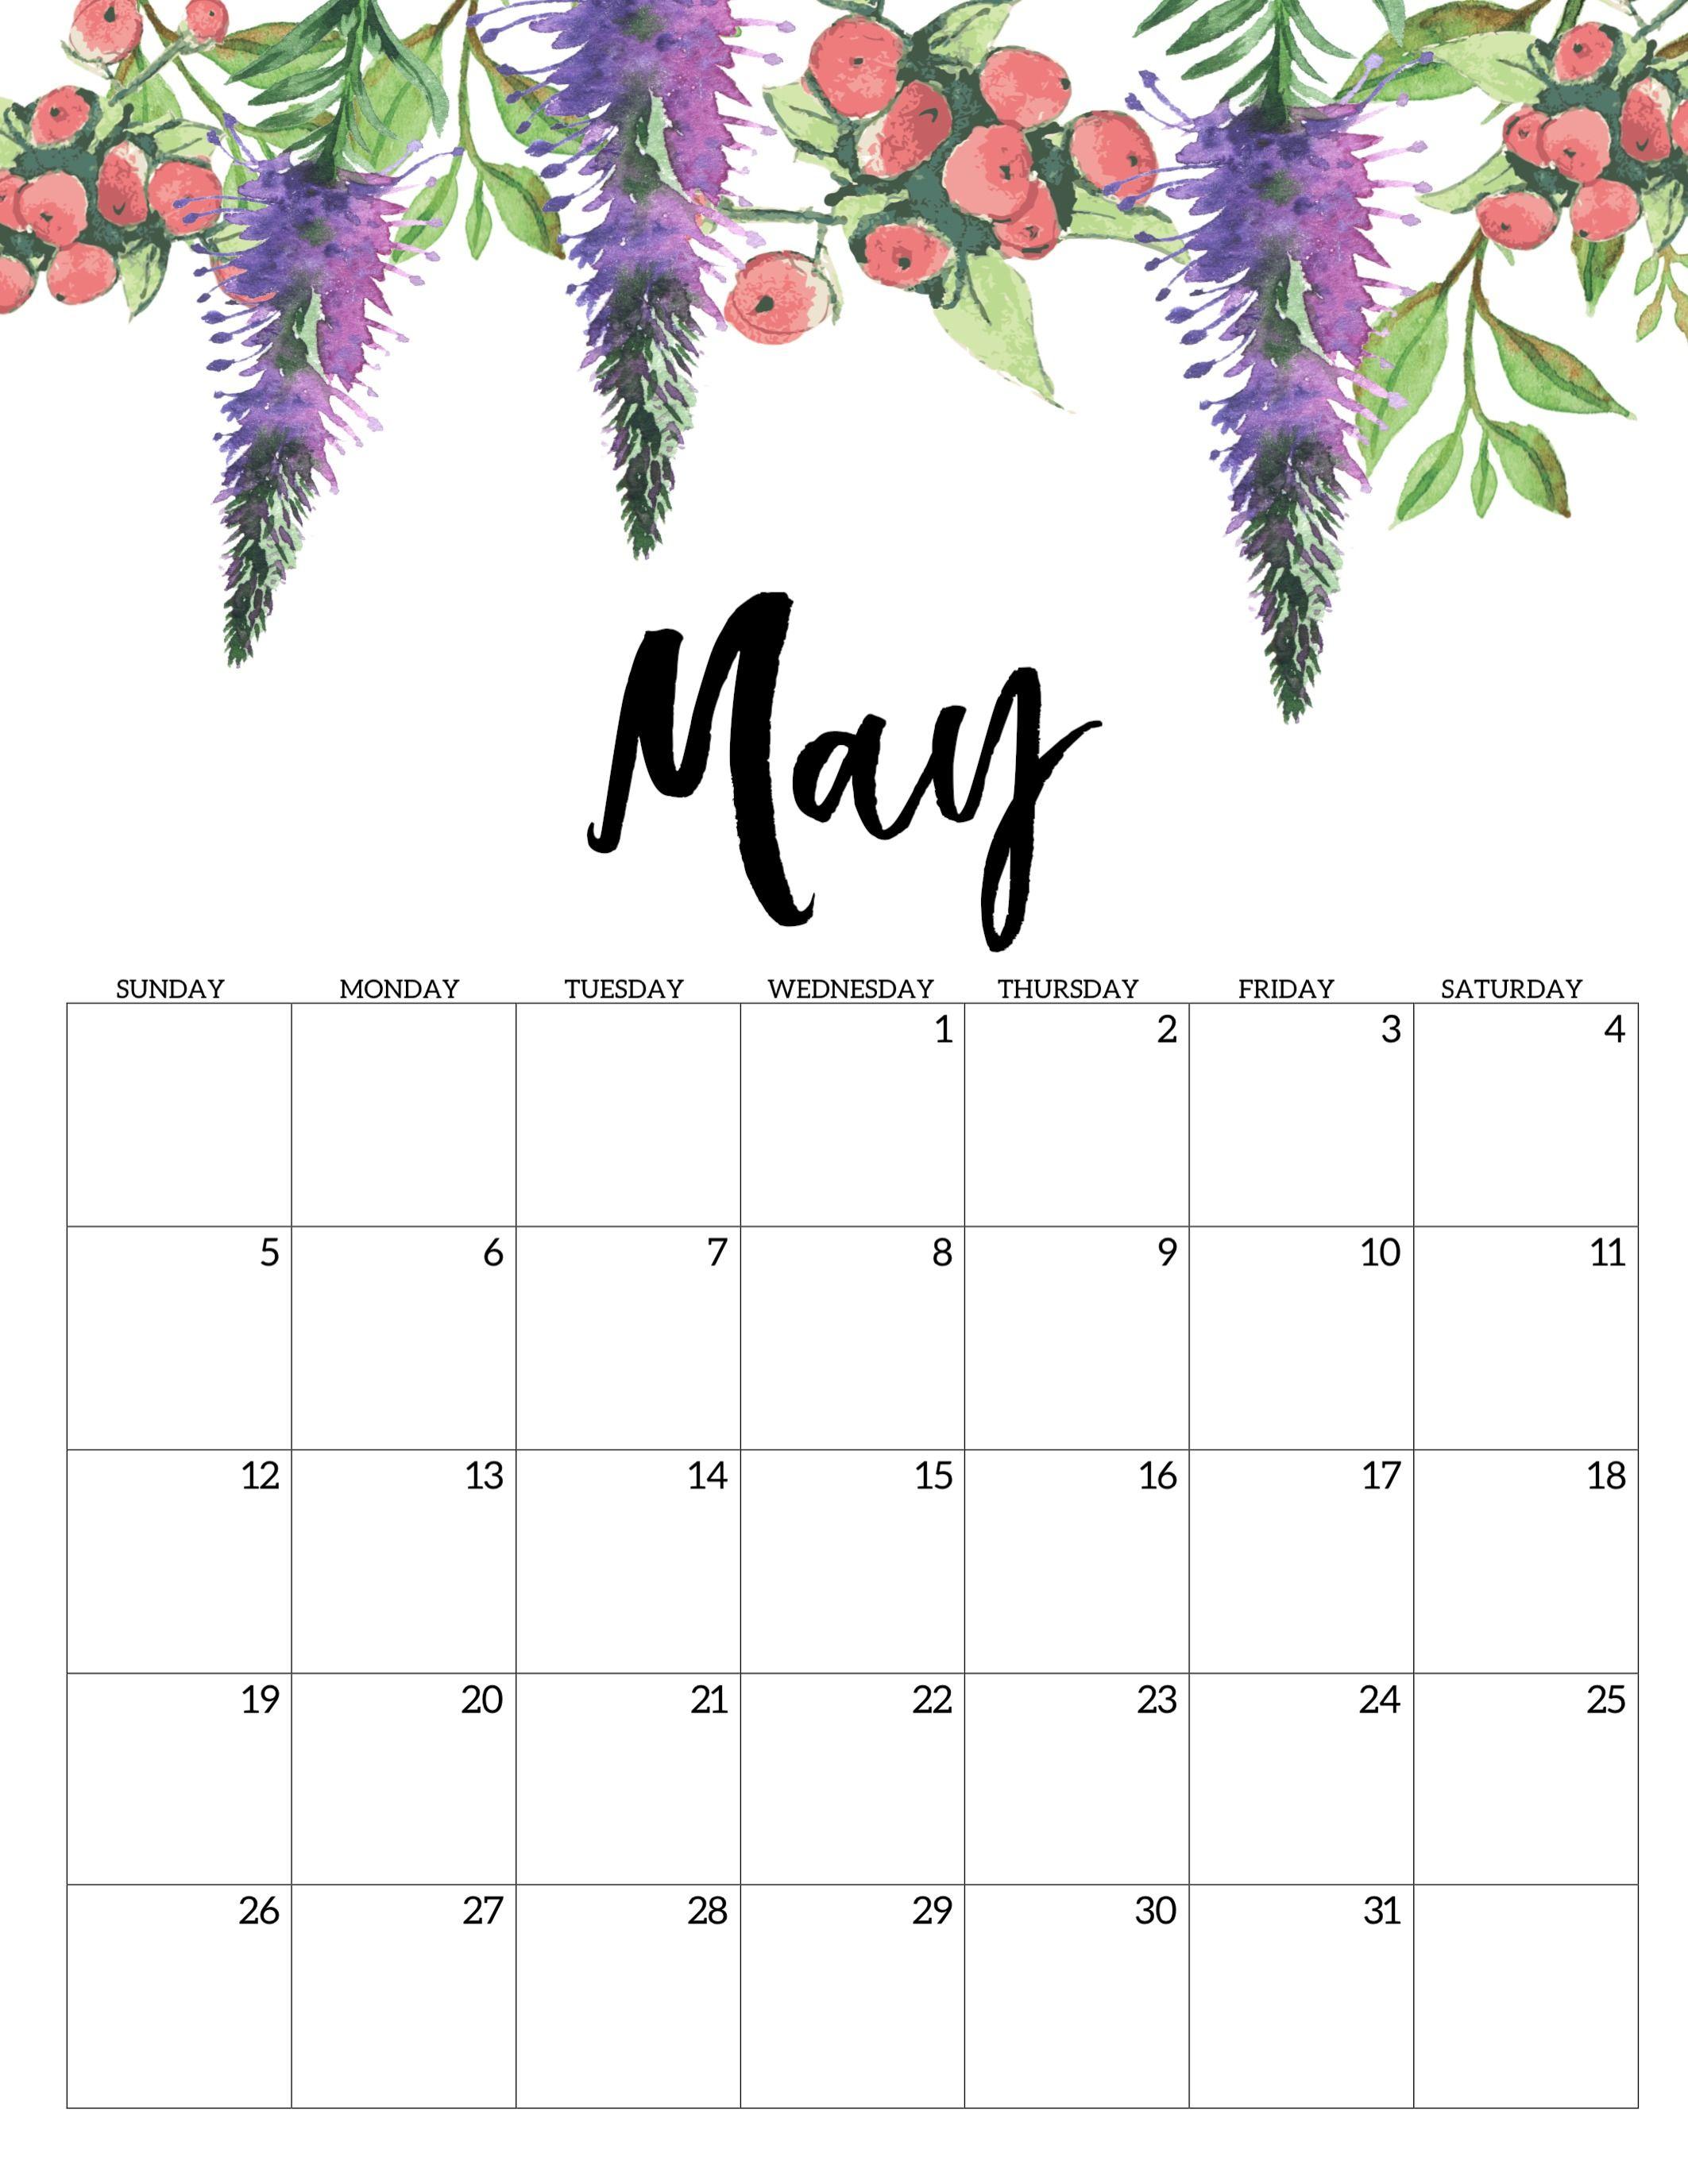 May 2019 Floral Wall Calendar   200+ May 2019 Calendar